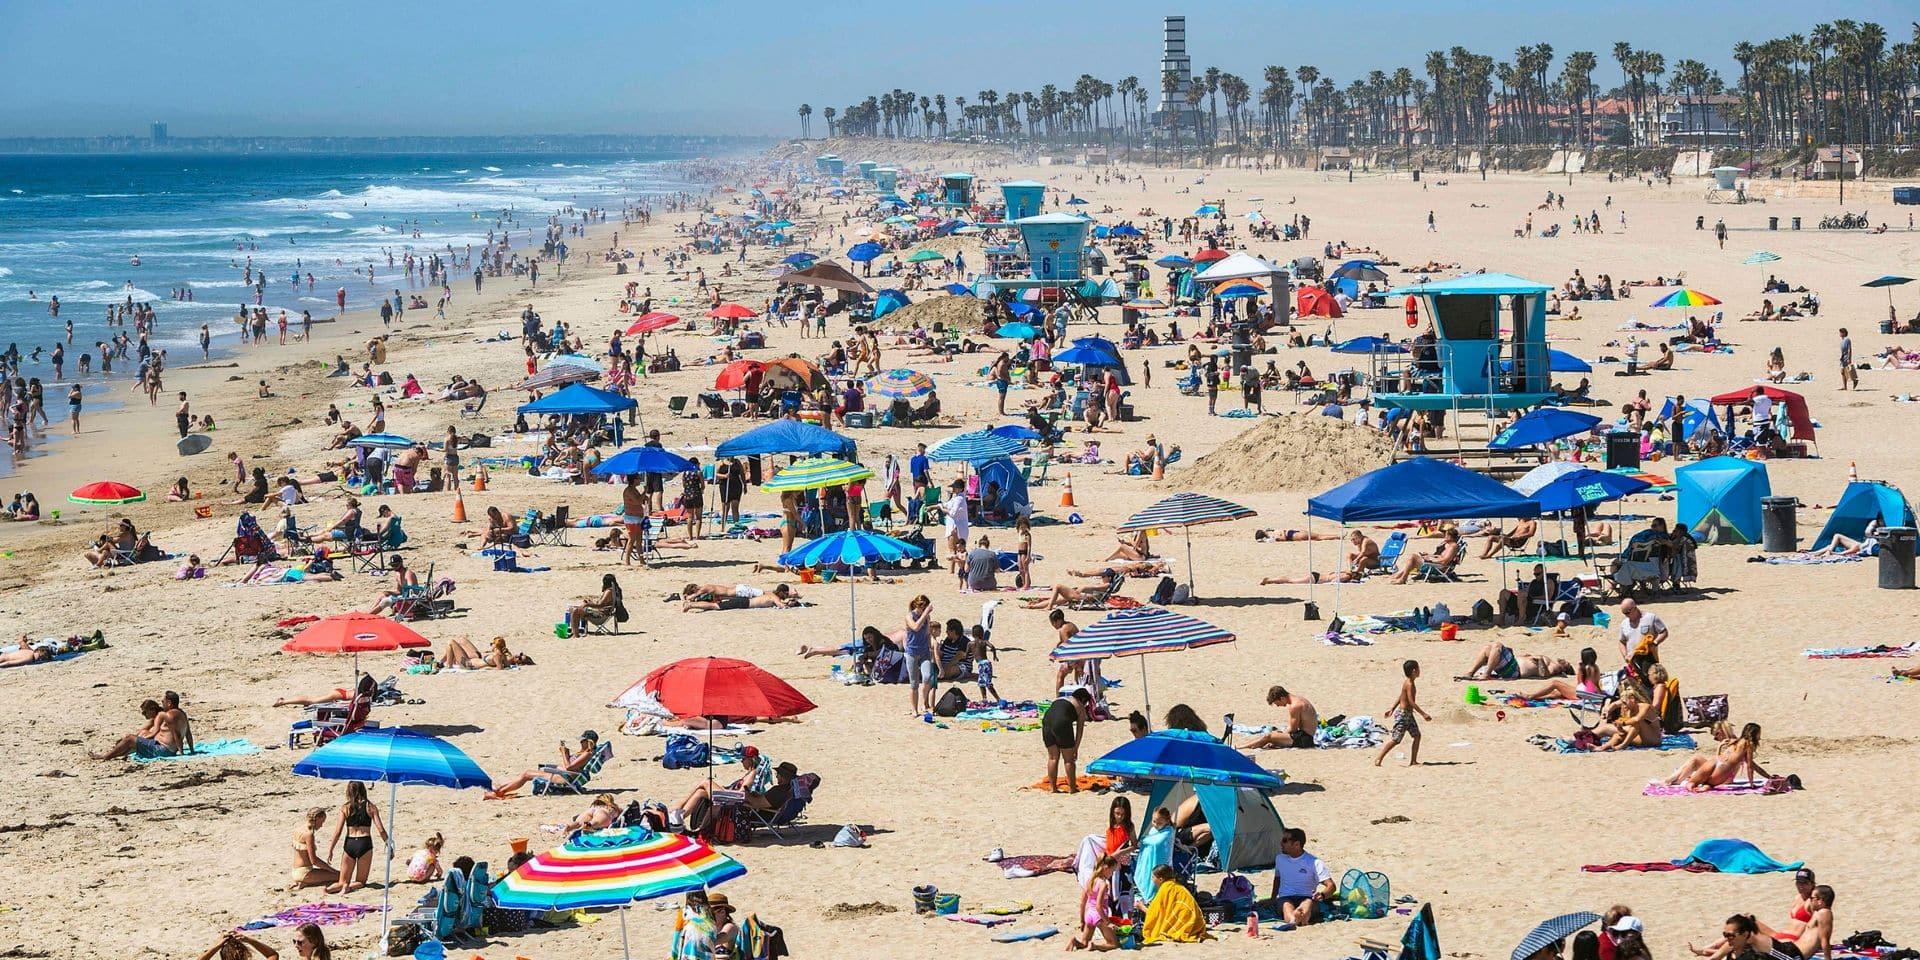 La plage d'Huntington Beach, à Los Angles.